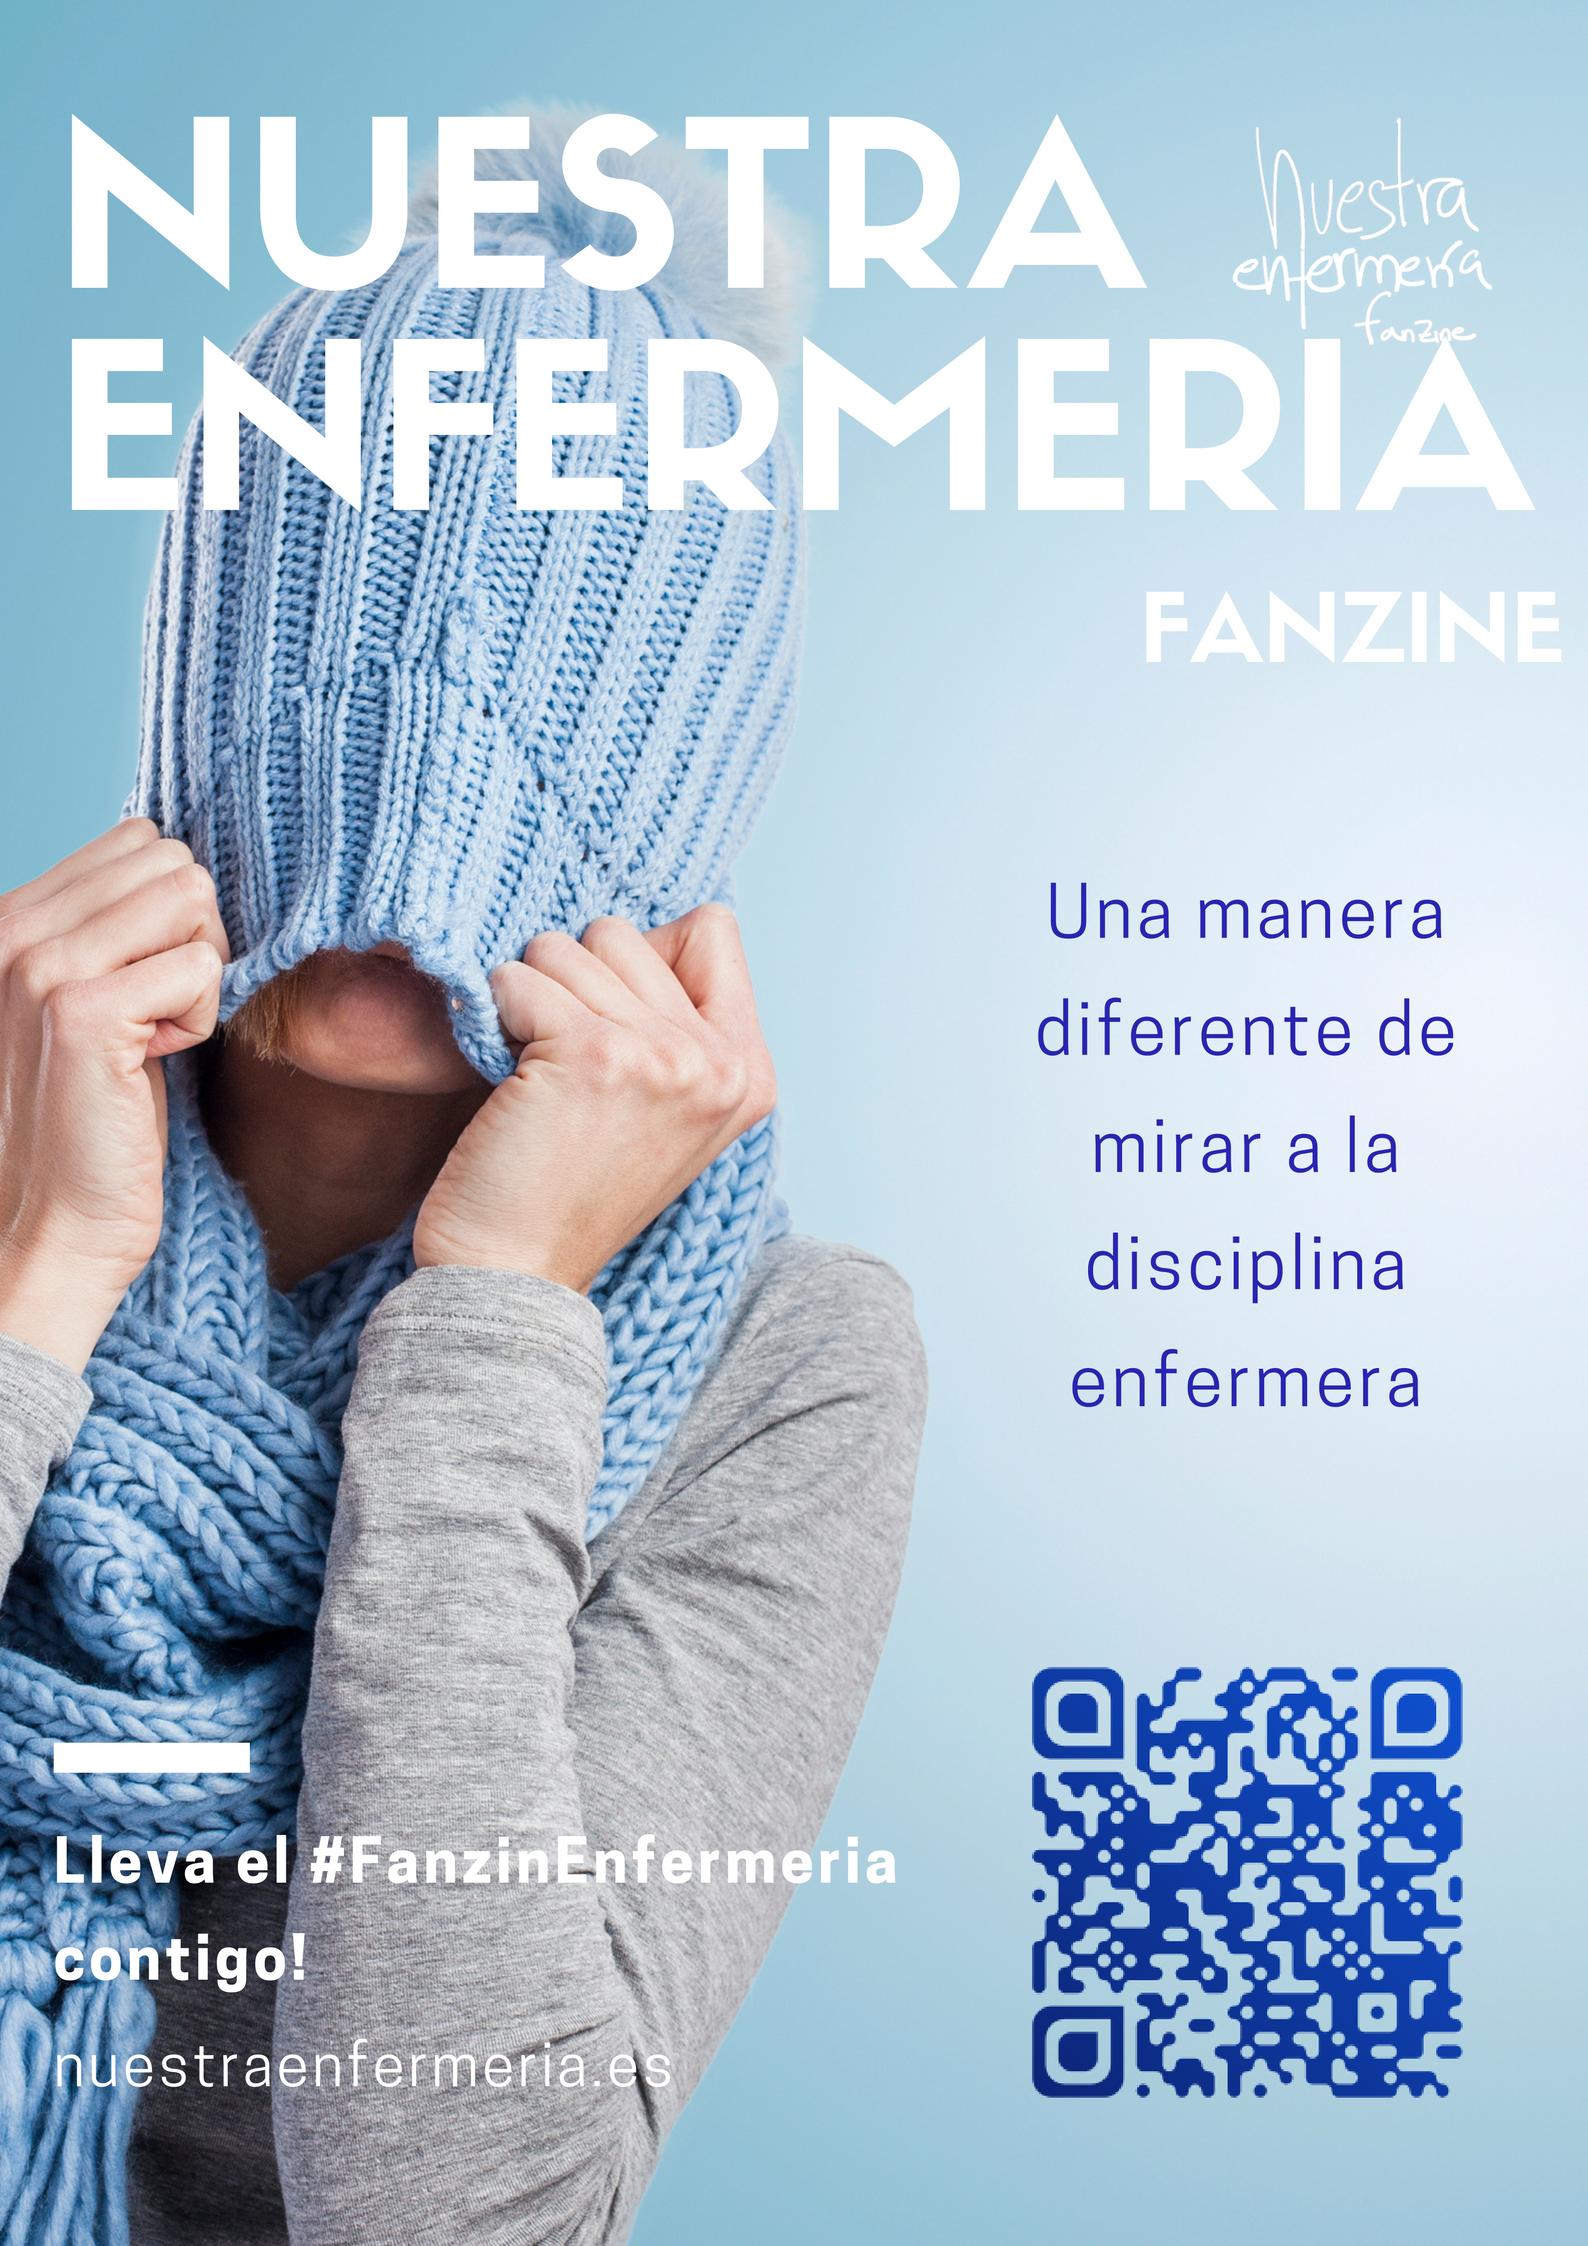 Concurso y Colección de Carteles de #FanzinEnfermeria 2017